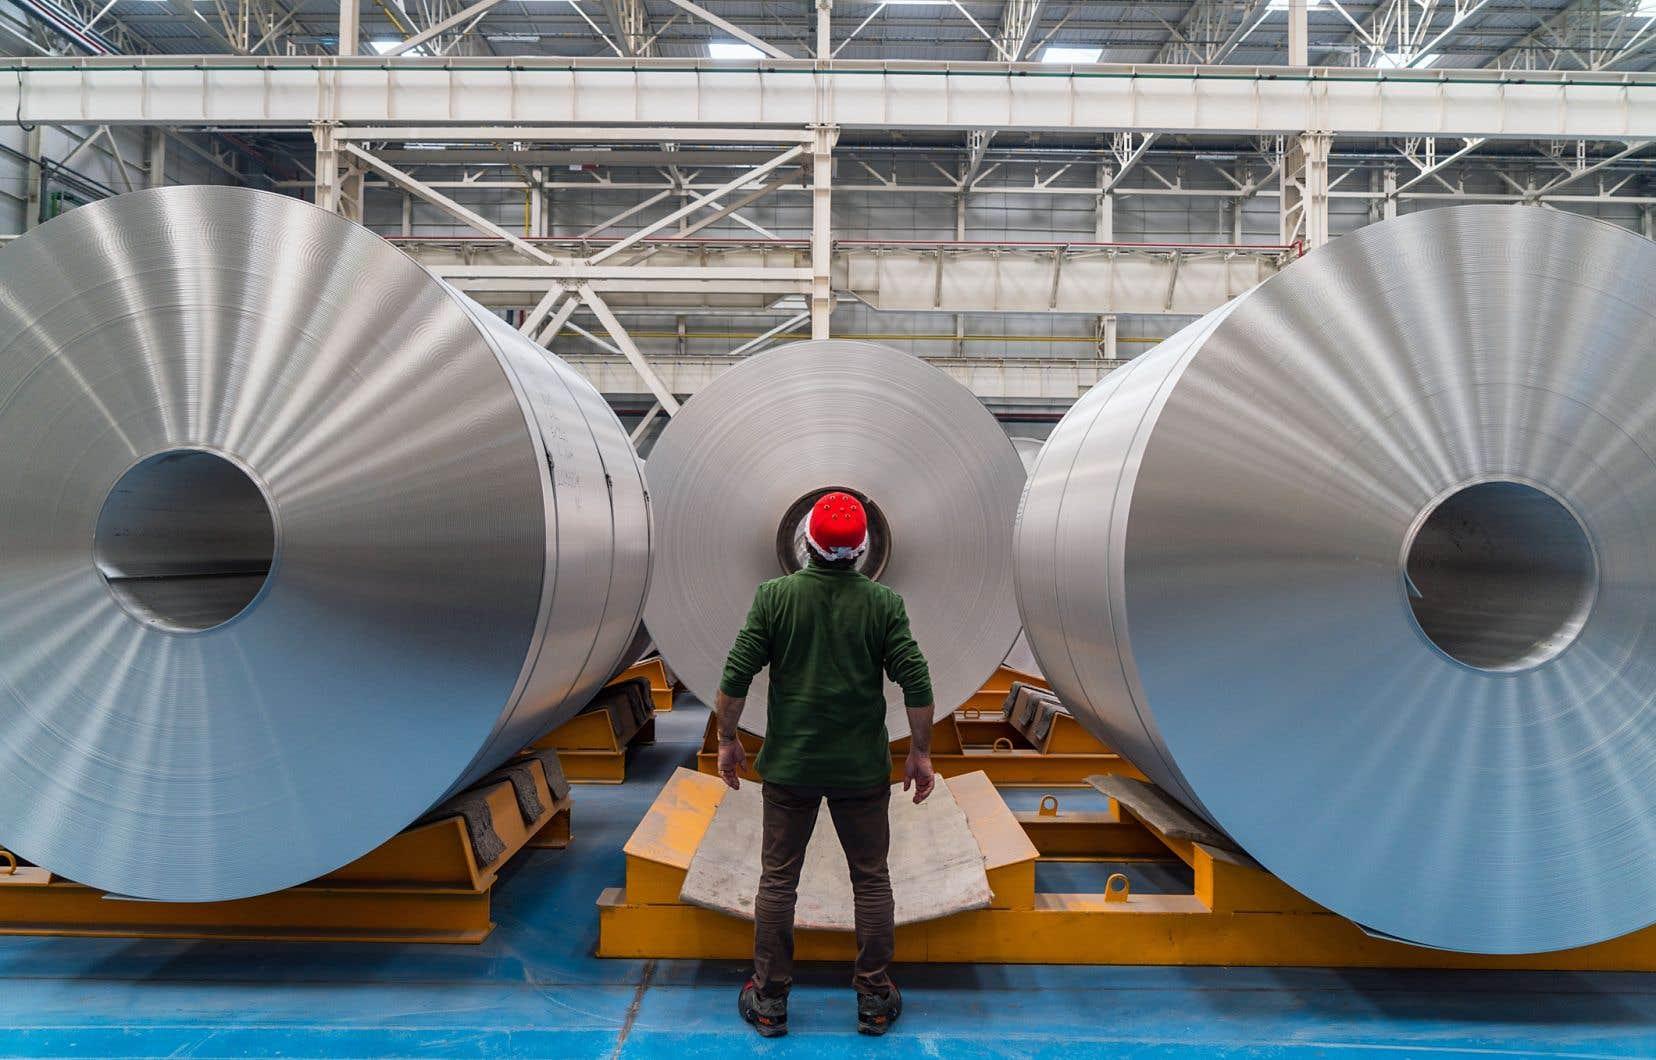 Le président Trump a cité «la nature unique de notre relation avec le Canada et le Mexique» pour justifier le fait que les deux pays échapperaient, au moins temporairement, aux tarifs sur les importations mondiales d'acier (25%) et d'aluminium (10%).